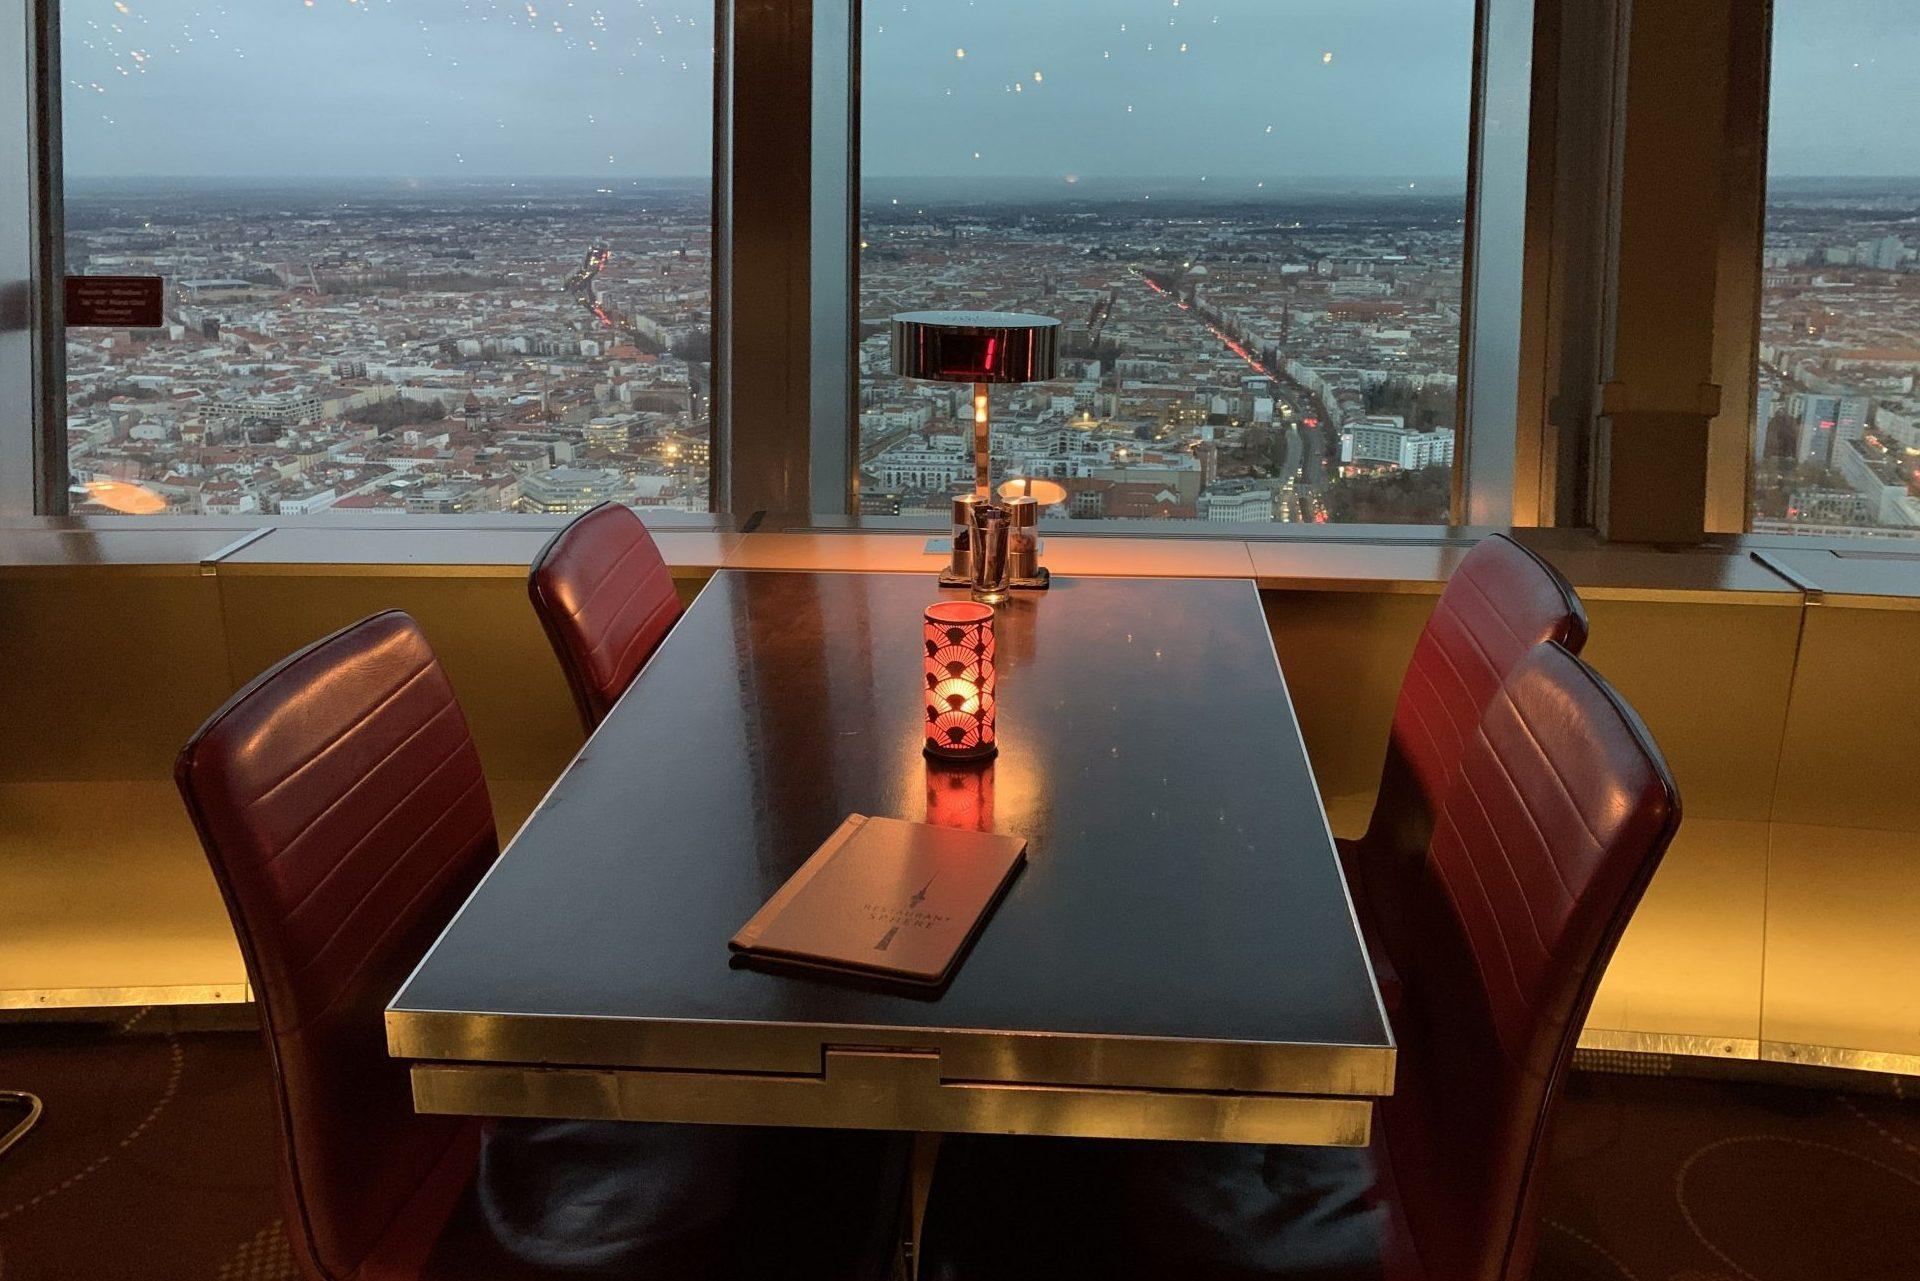 柏林電視塔 |德國柏林 最高觀景台線上訂位教學